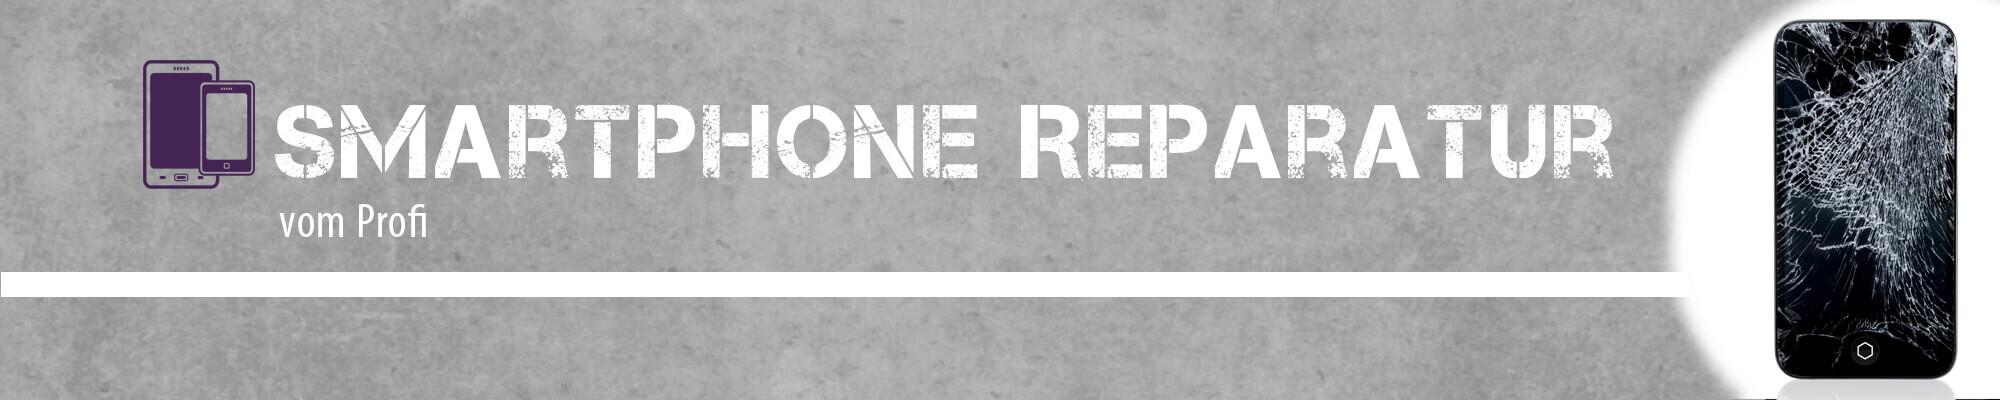 Titelbild_Smartphone-Reparatur